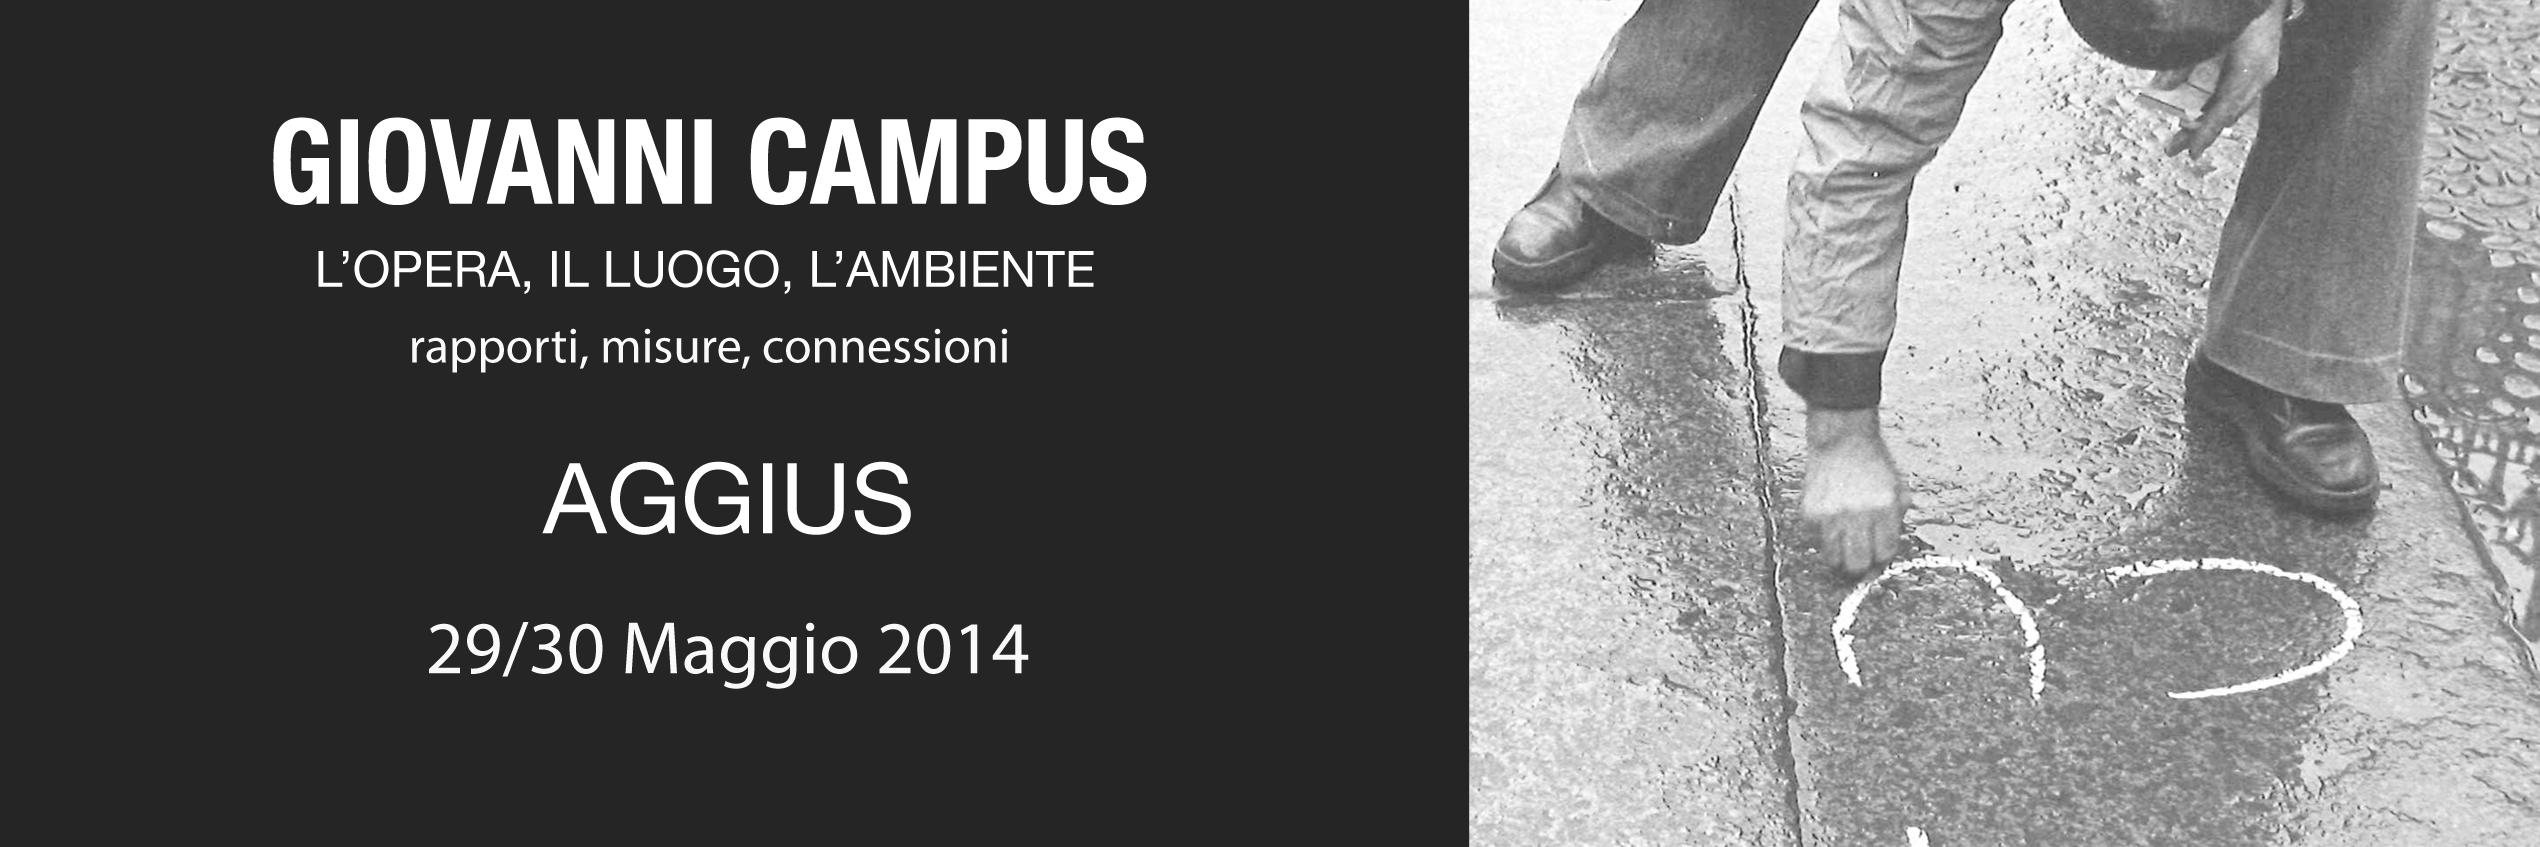 Giovanni Campus – Allestimento installazioni – 29/30 MAGGIO